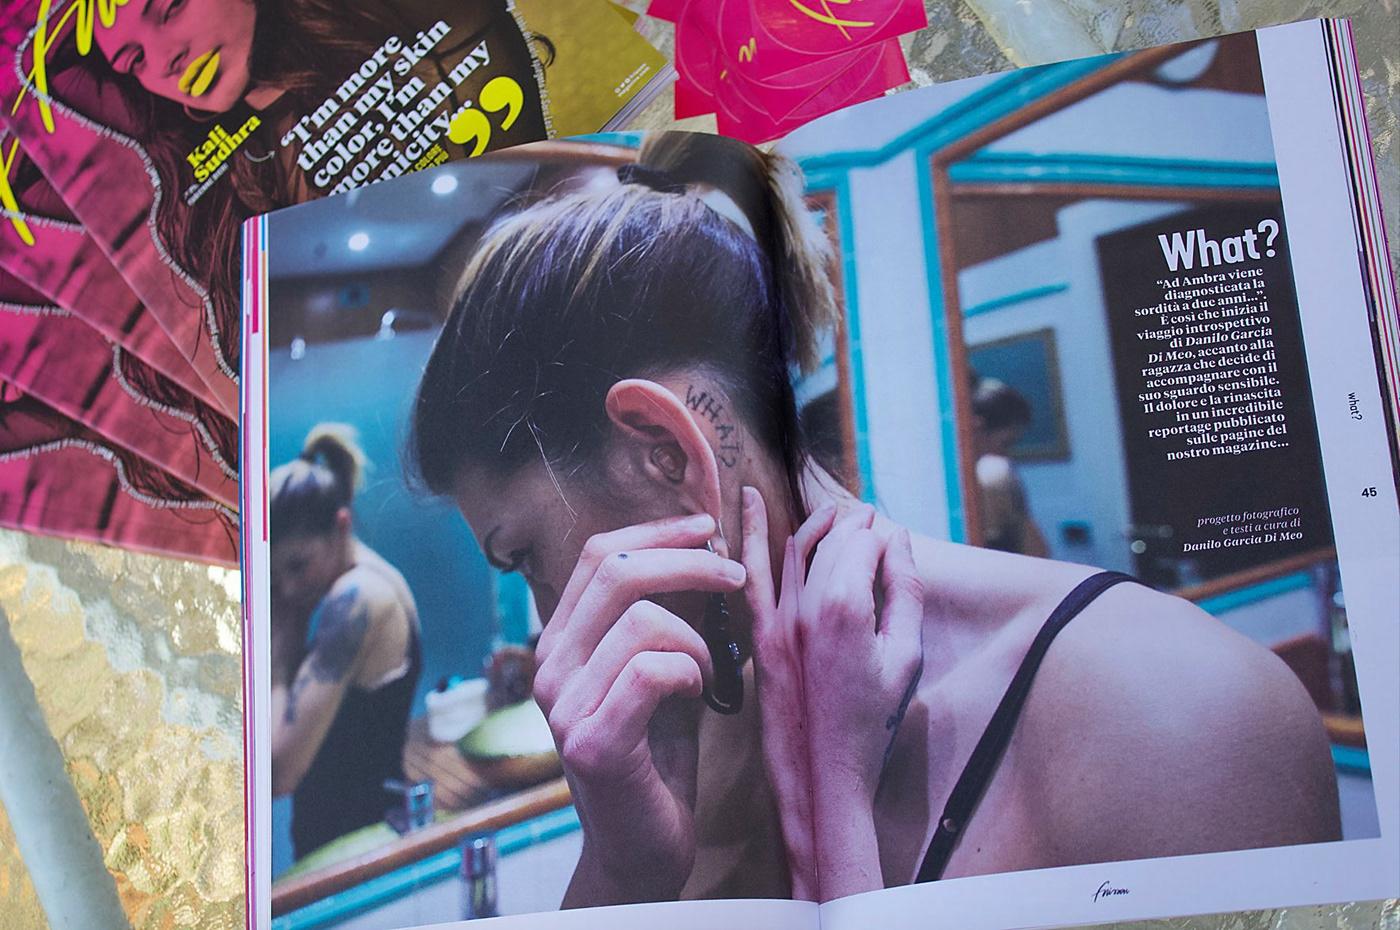 cover design,design consultant,editoria indipendent,editorial design ,Francesco Mazzenga,Frisson,Kali Sudhra,magazine,oltre il piacere,visual journalism